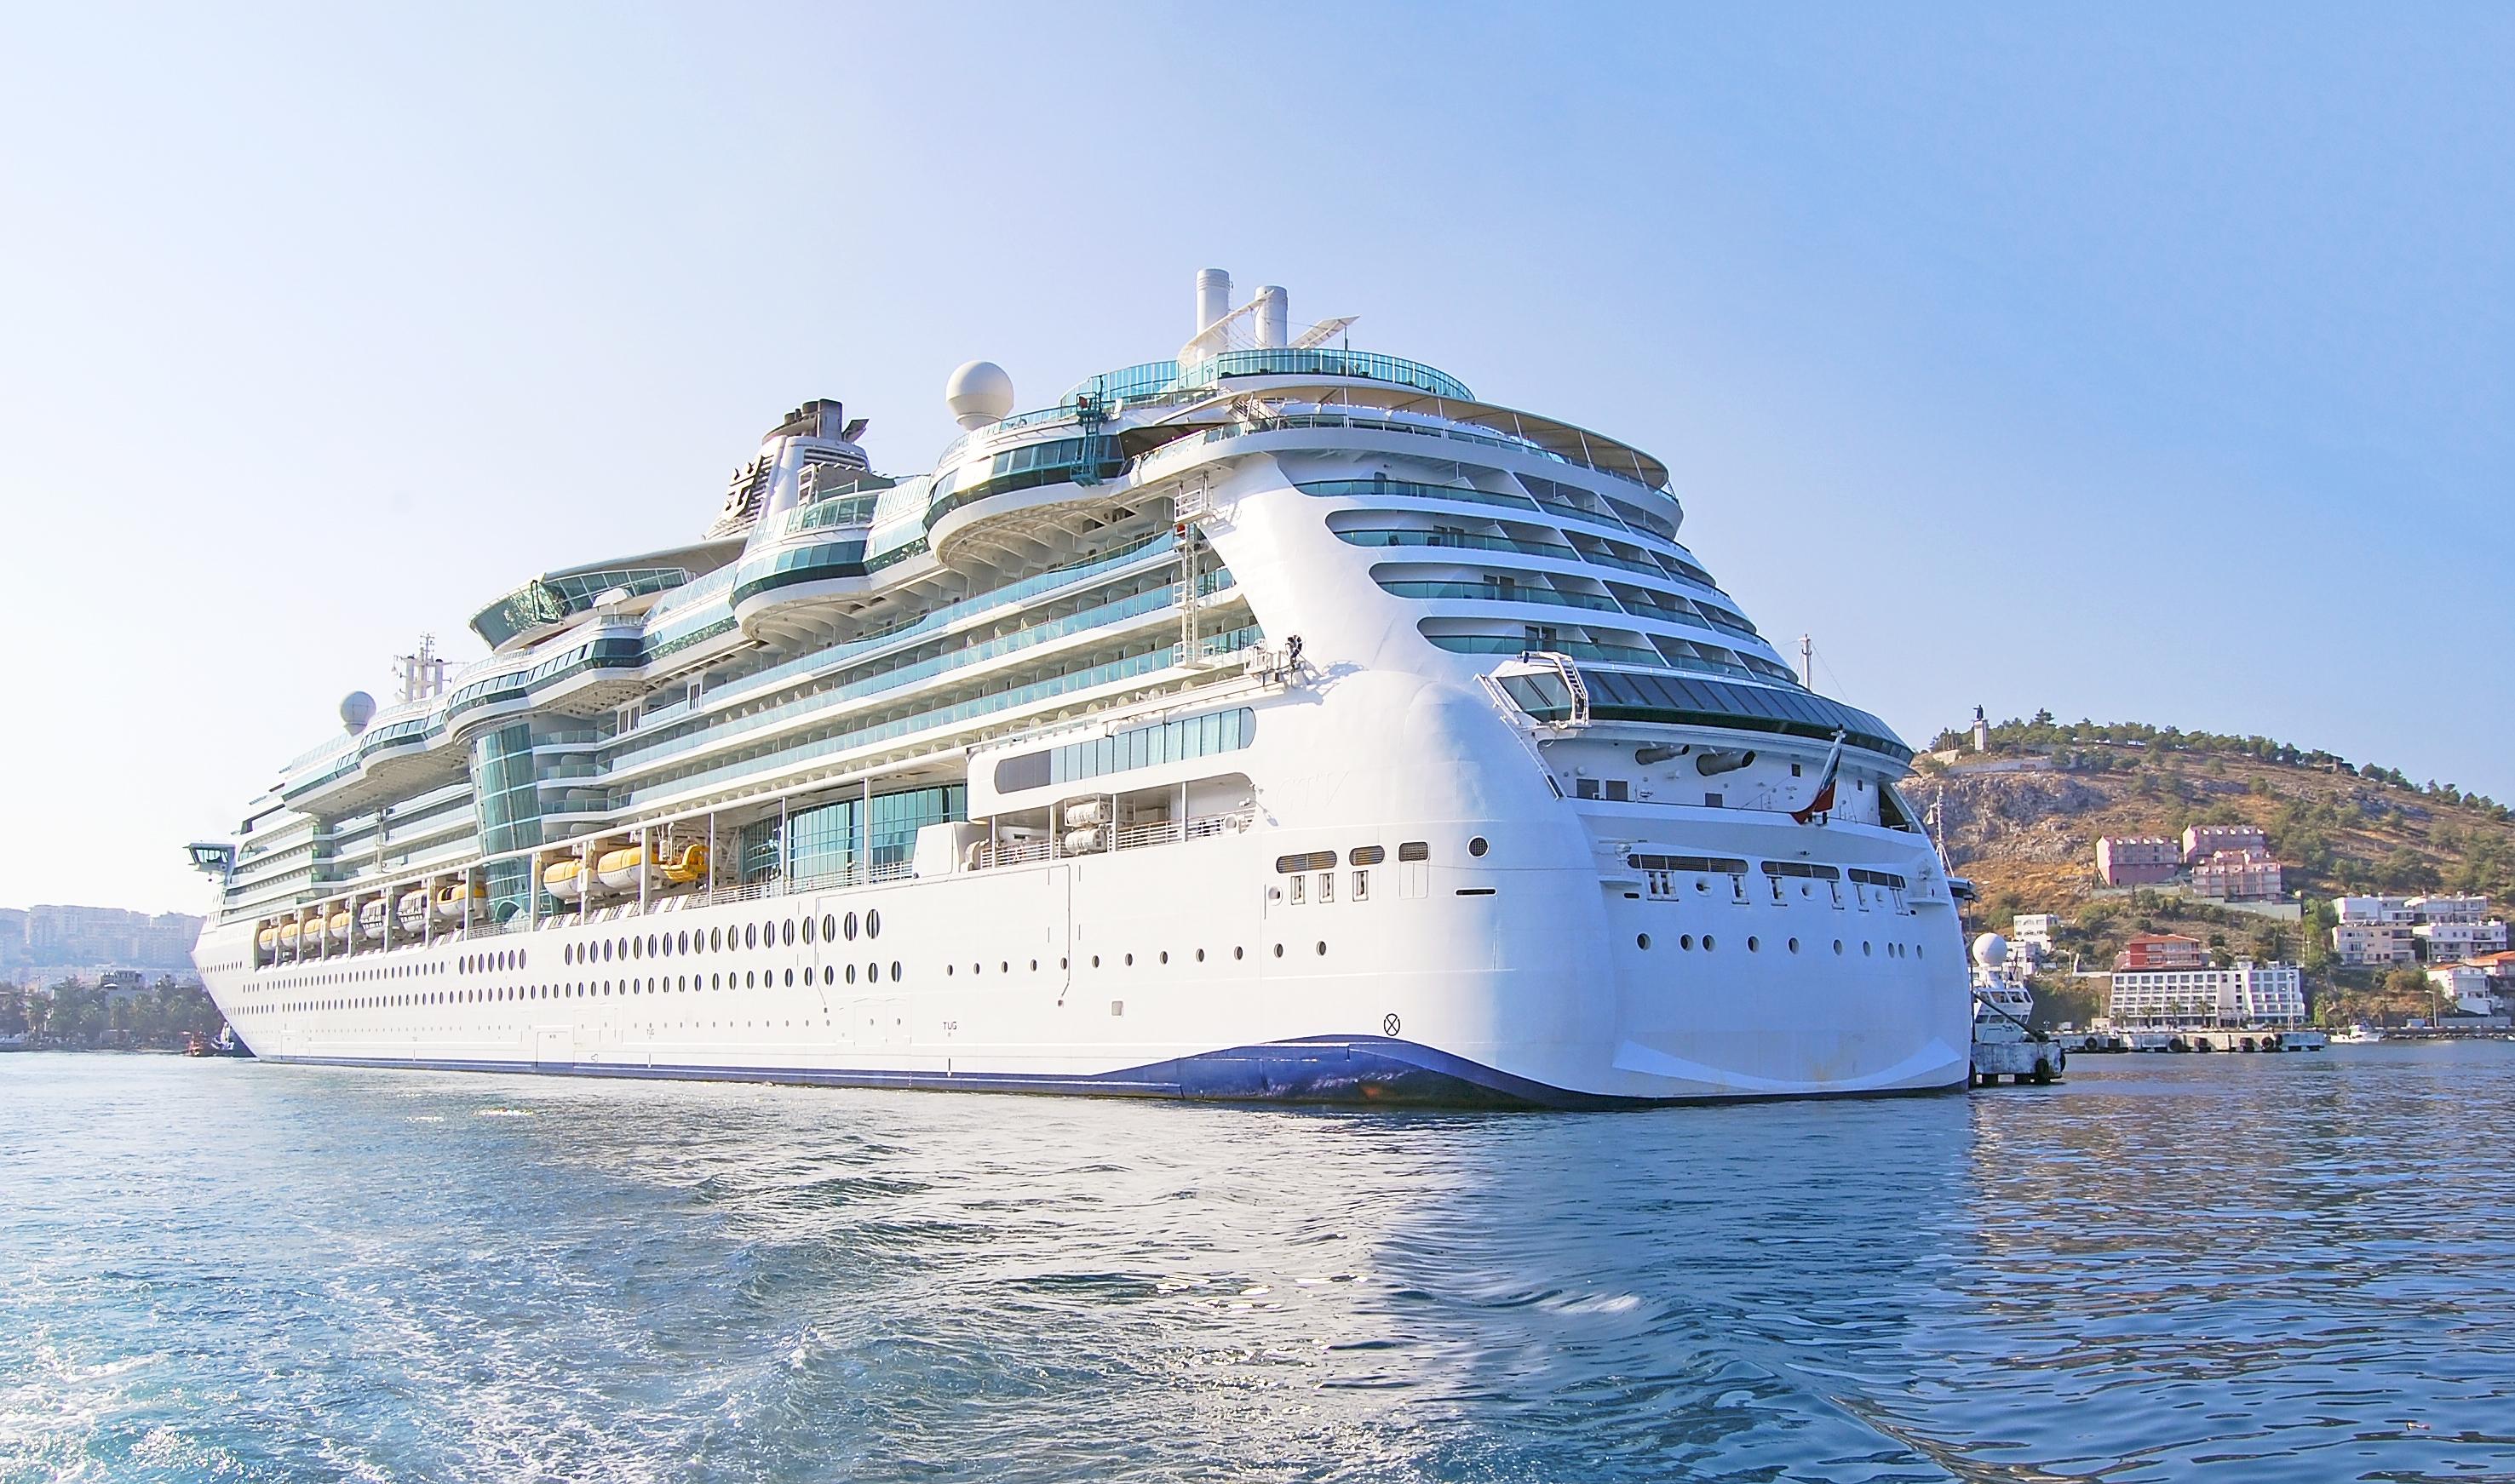 Cruise Ship Off an Island